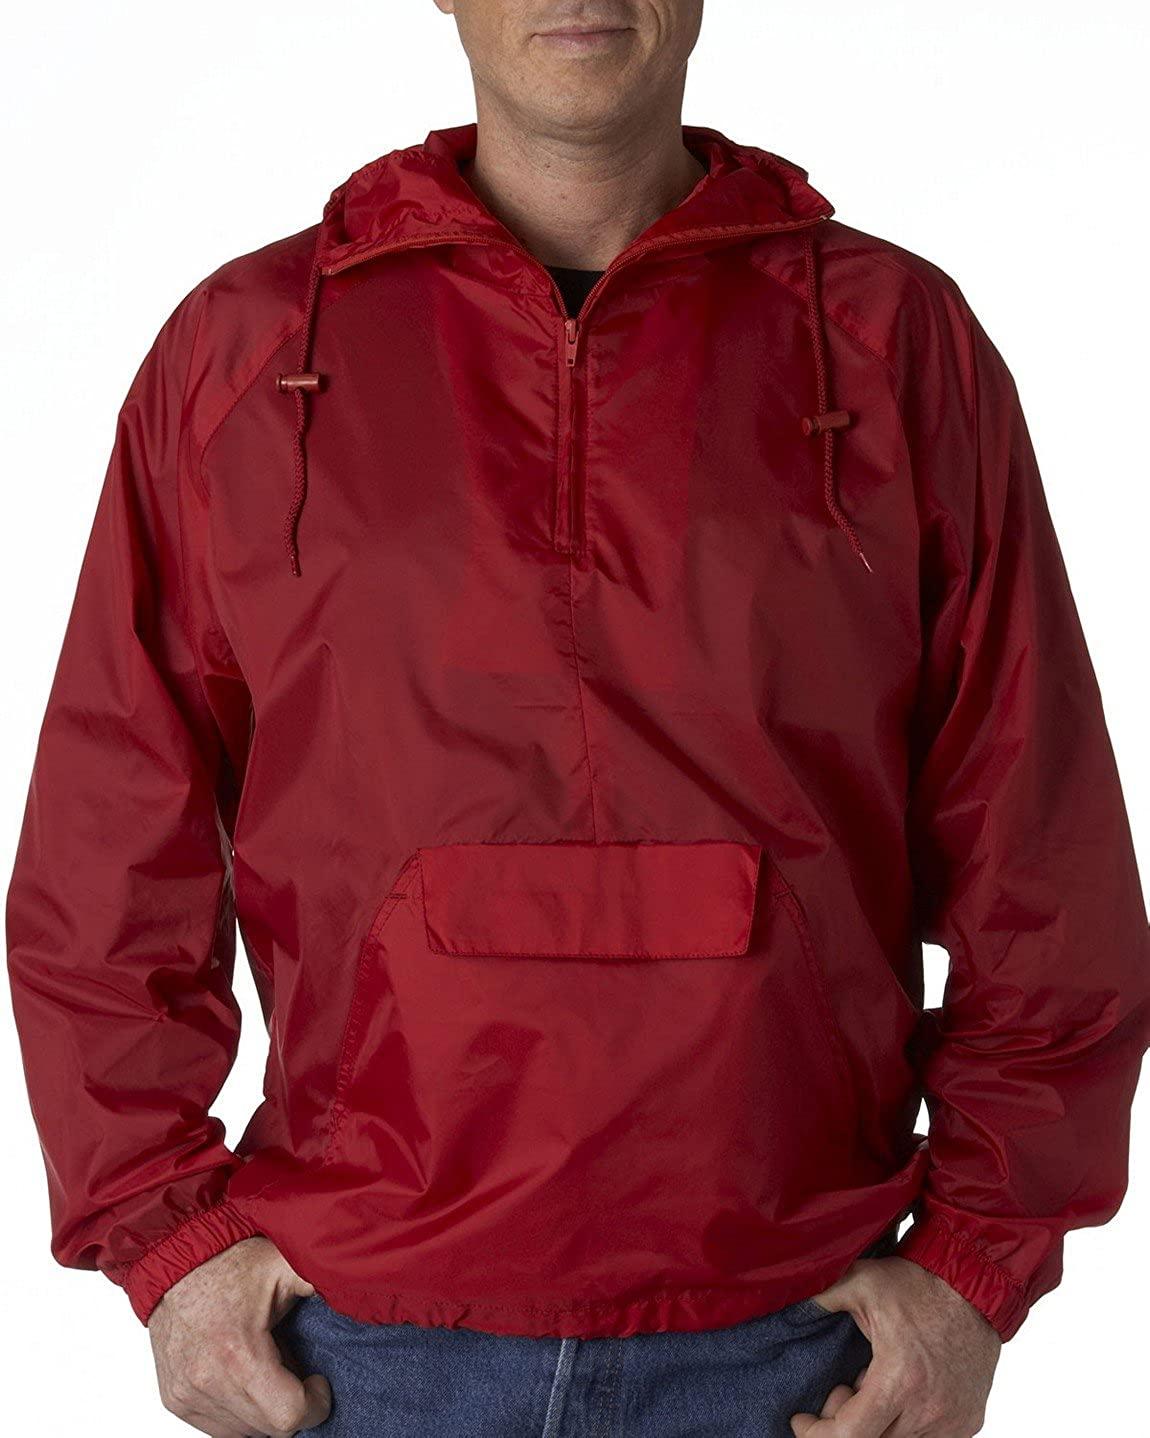 UltraClub 8925 UC Packaway Jacket